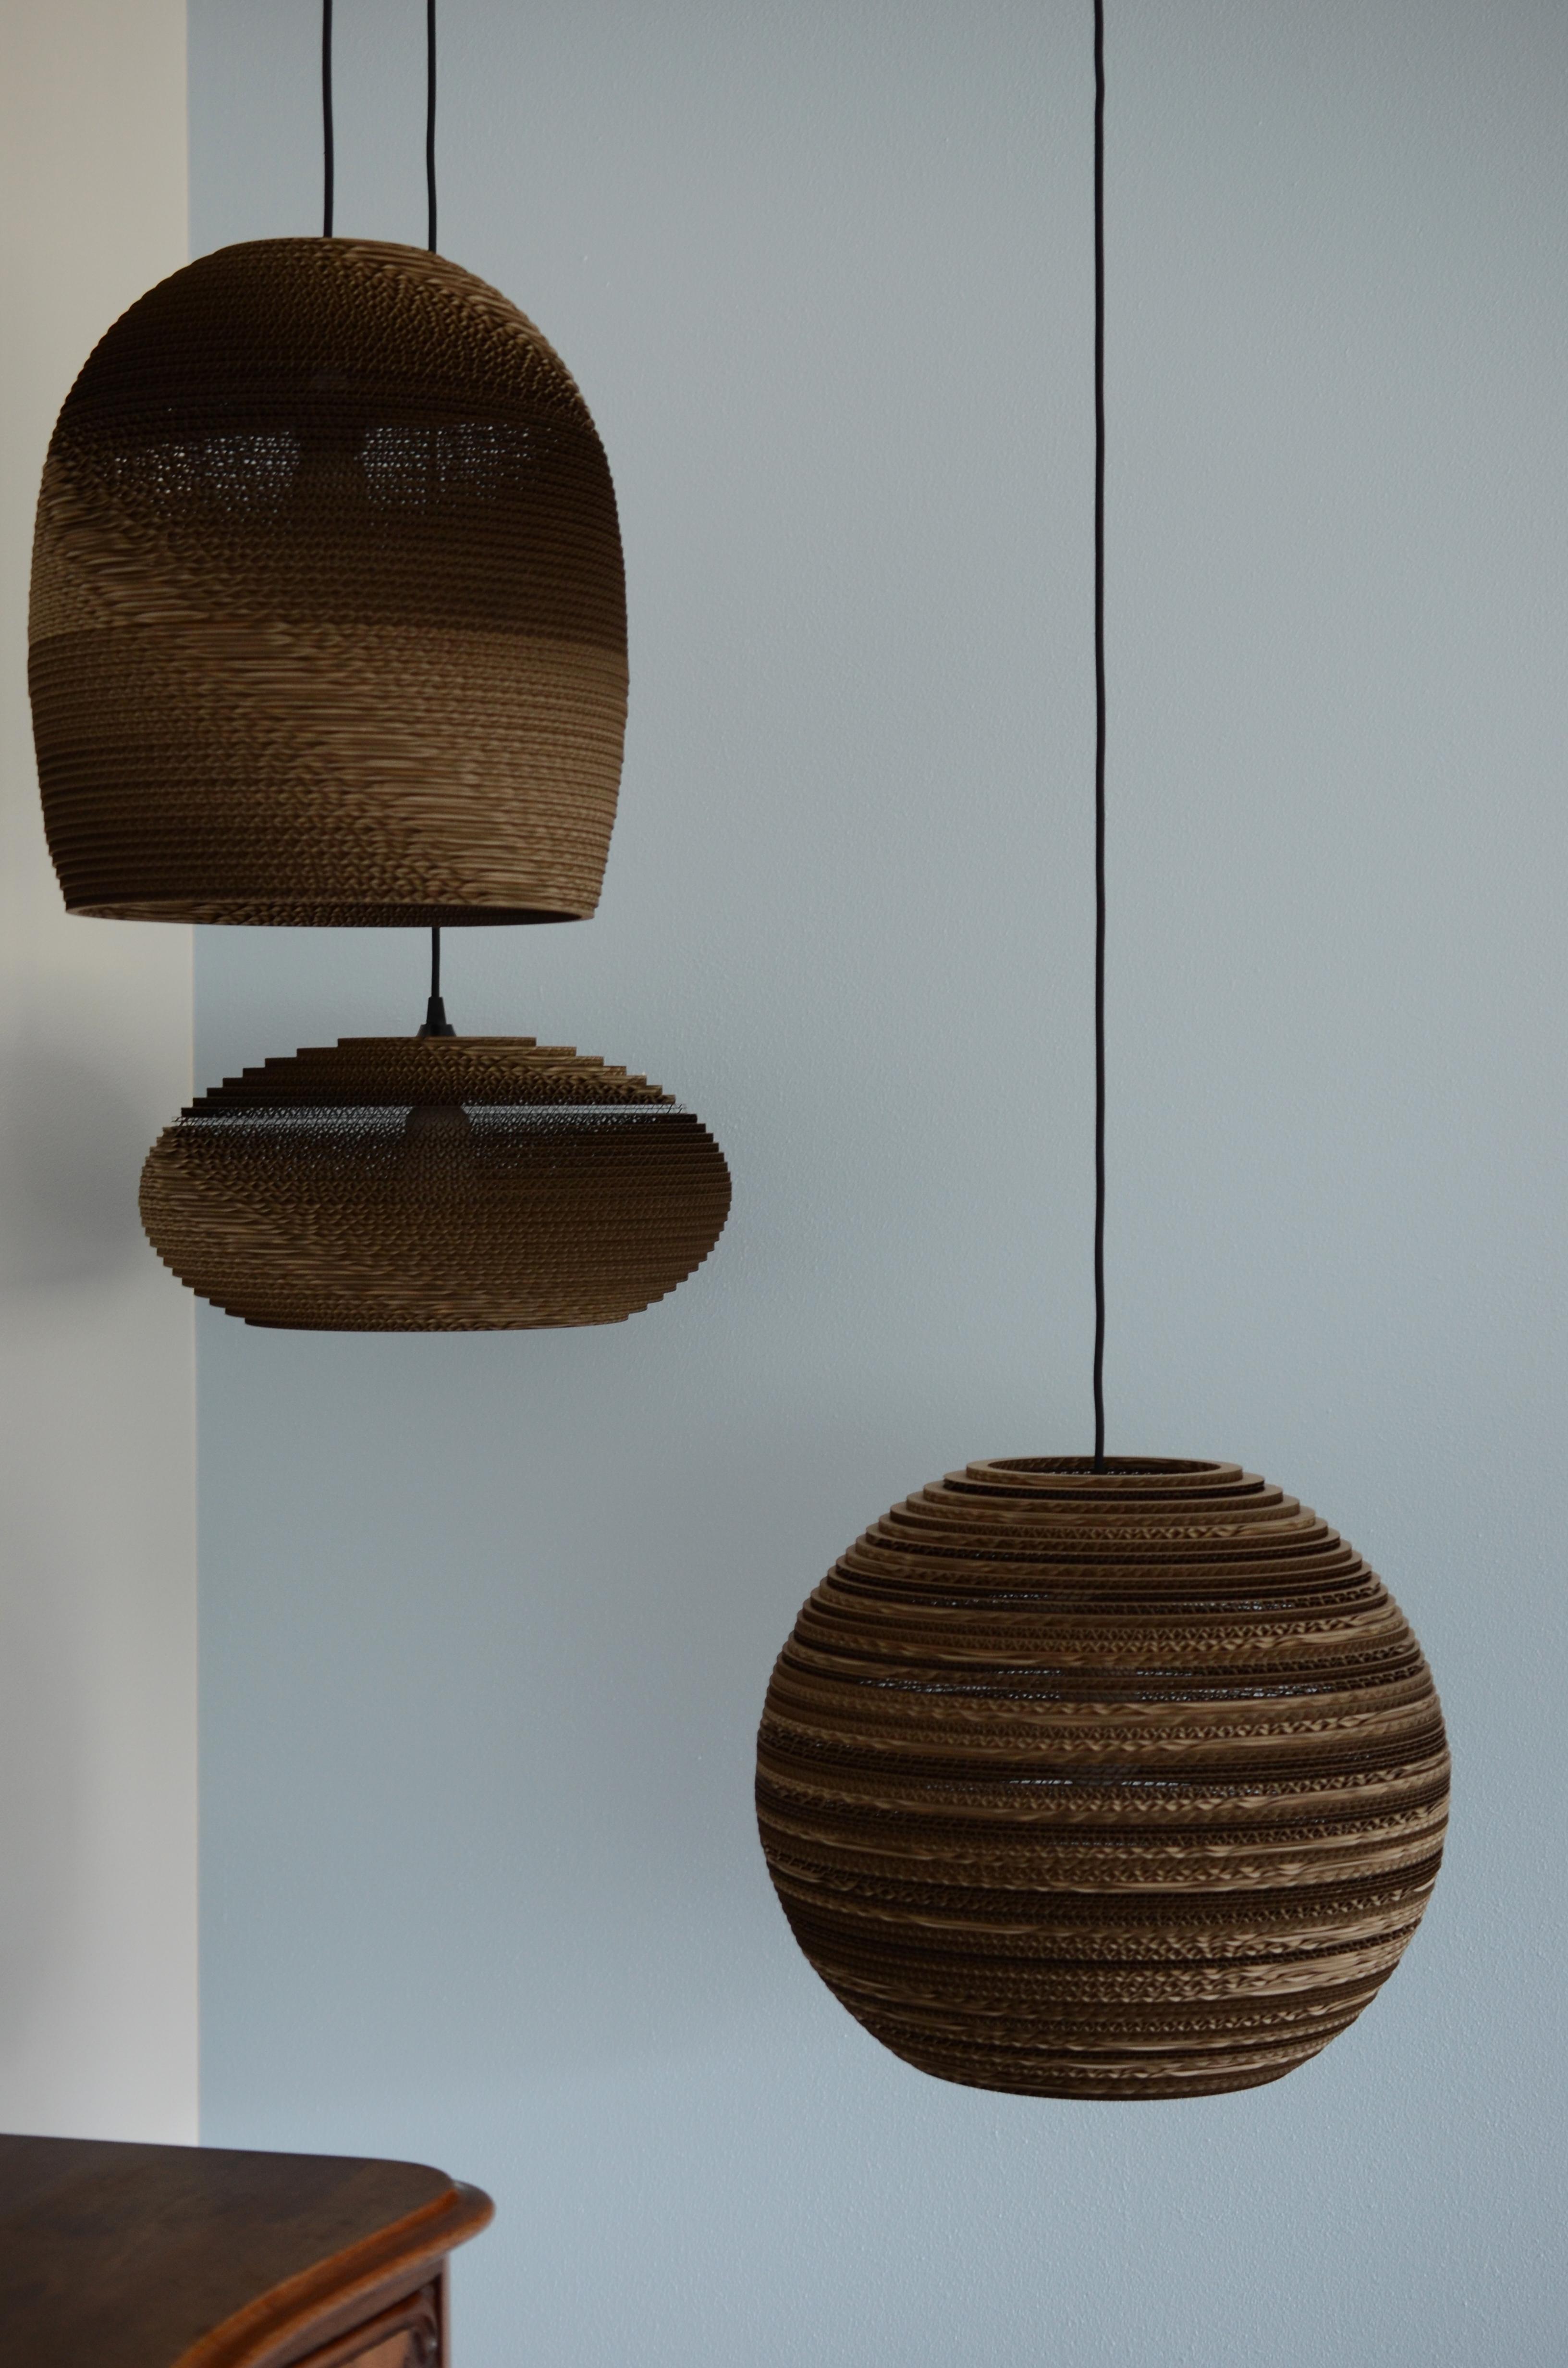 Der er kaffestel på væggene og lamper lavet af pap.